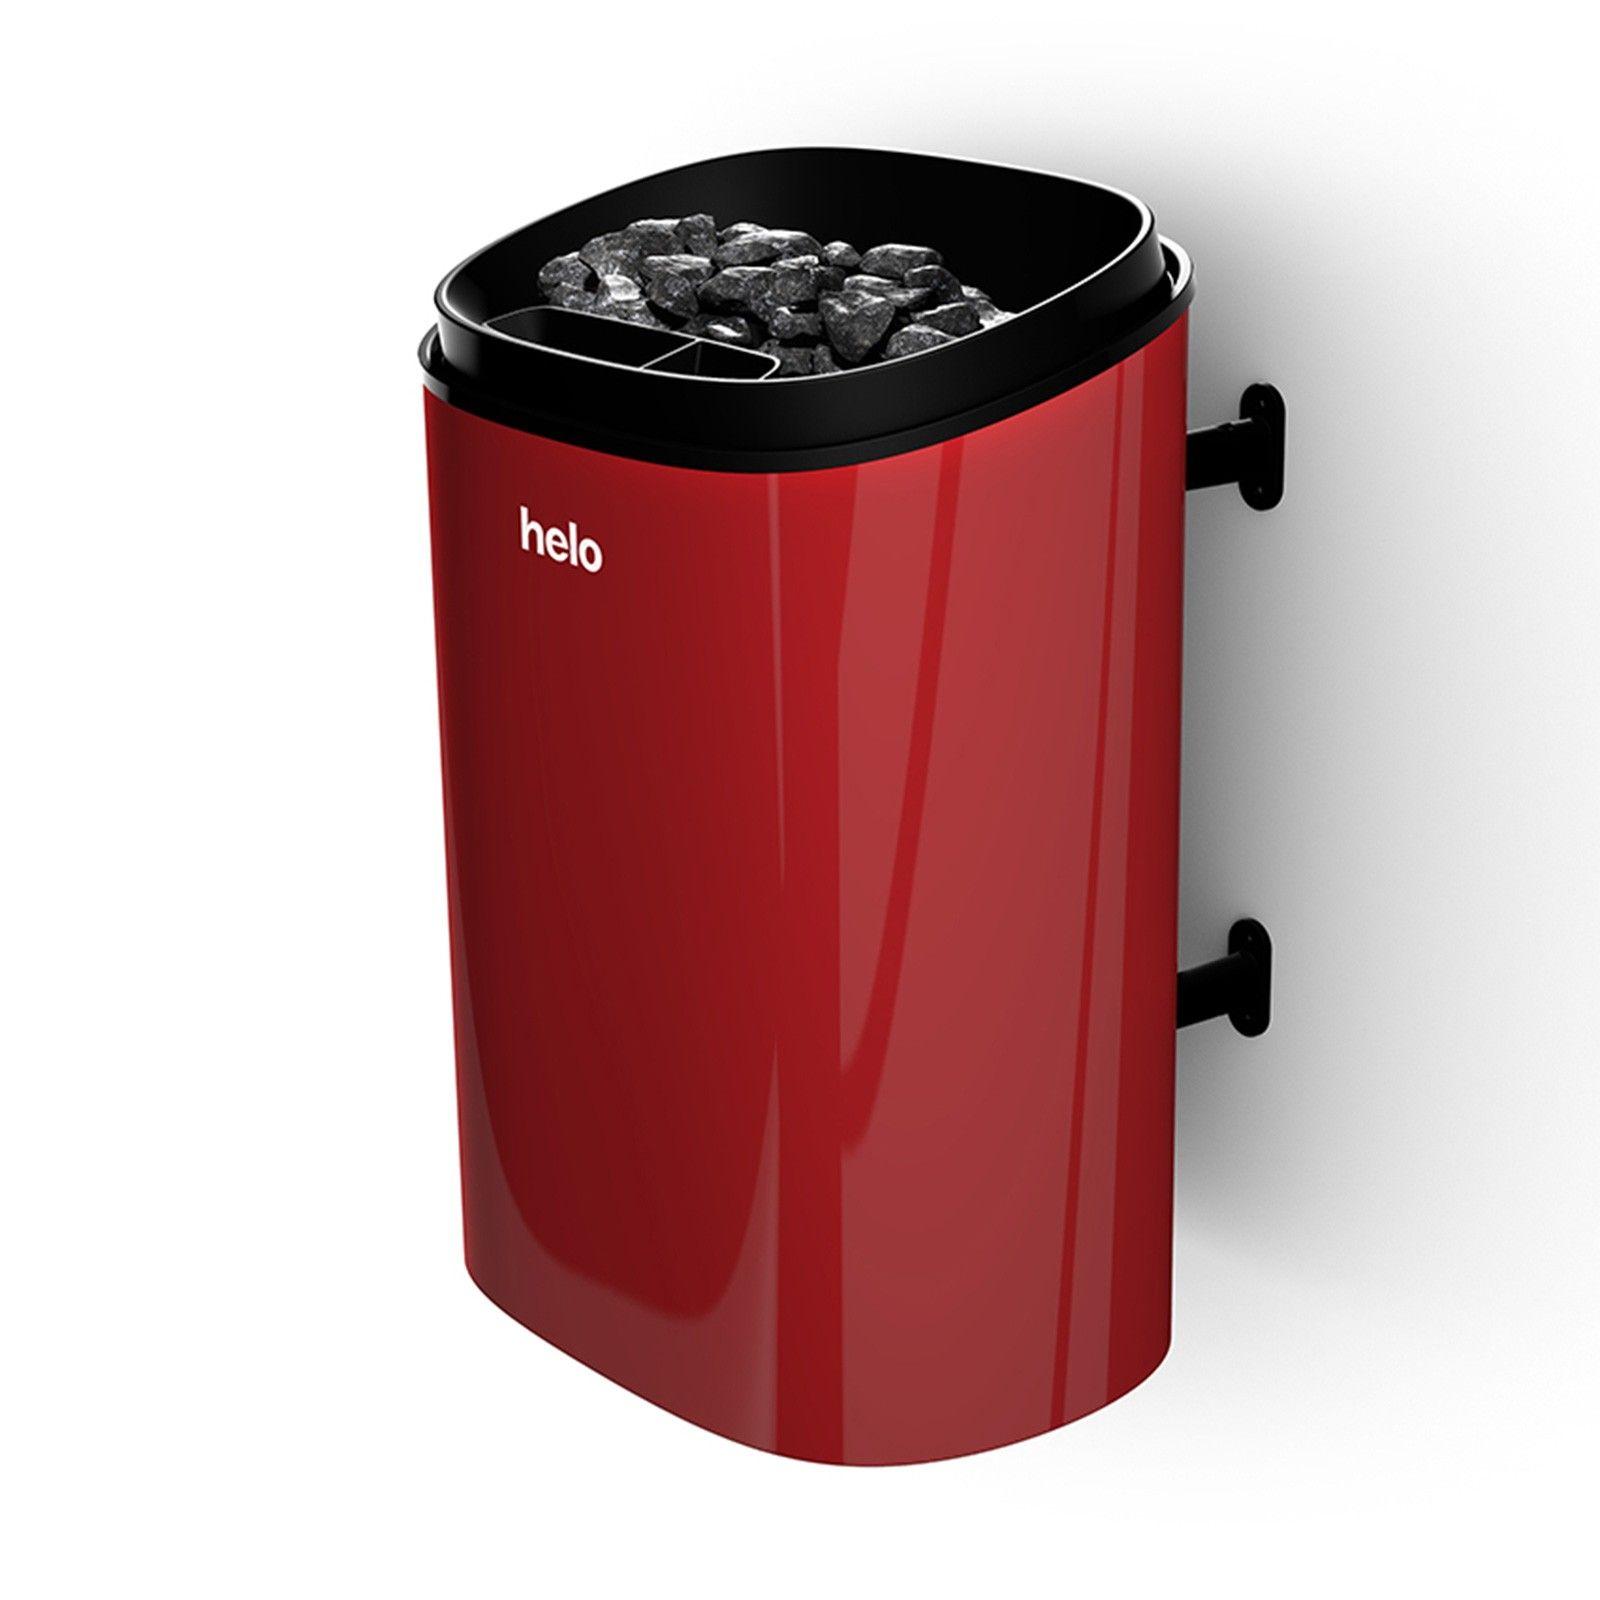 Afbeelding van Helo Fonda Red DET saunakachel 8 kW (externe besturing) - demo